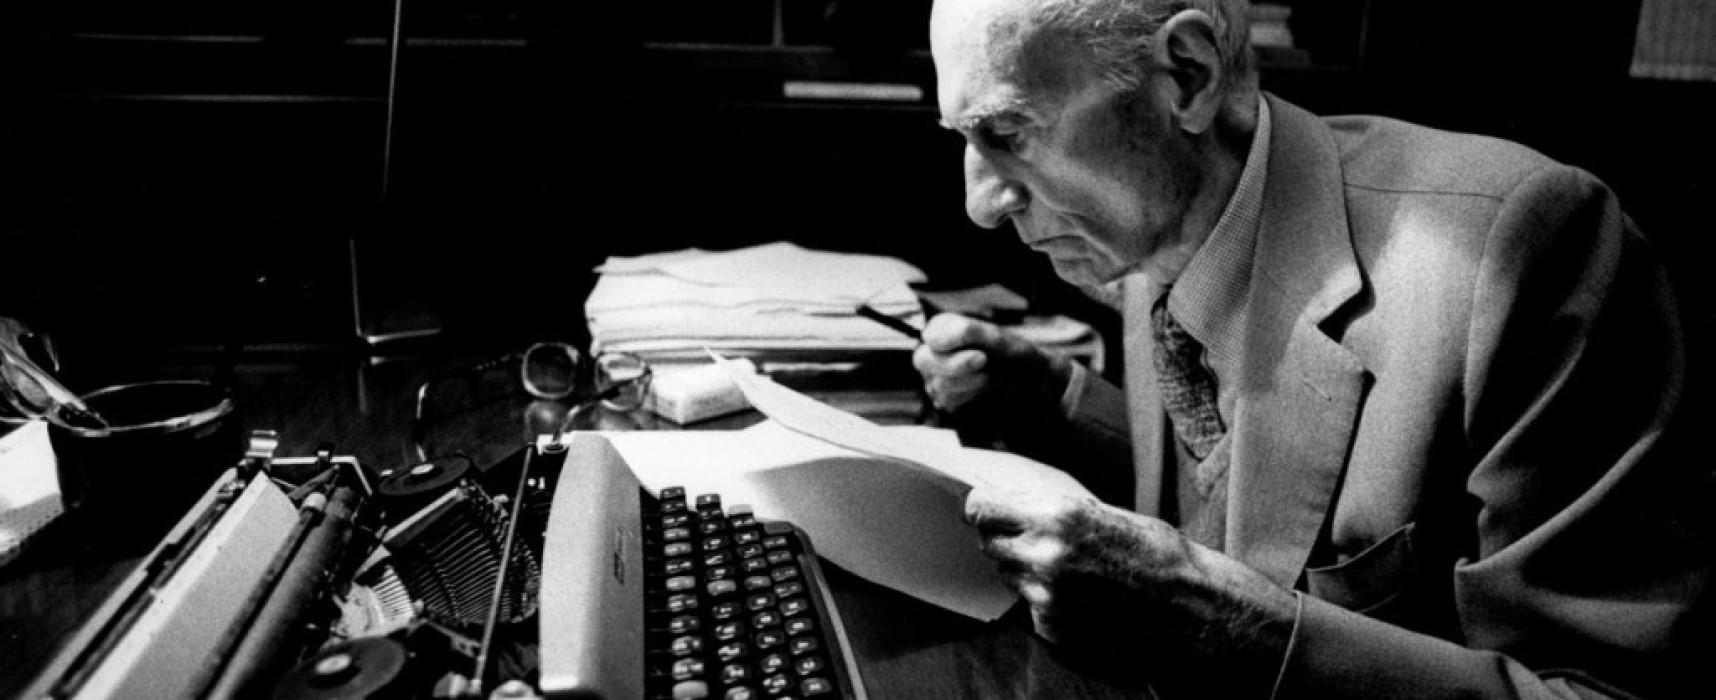 La scrittura nell'era  della comunicazione digitale.  Premio Indro Montanelli 2019, al via le  iscrizioni